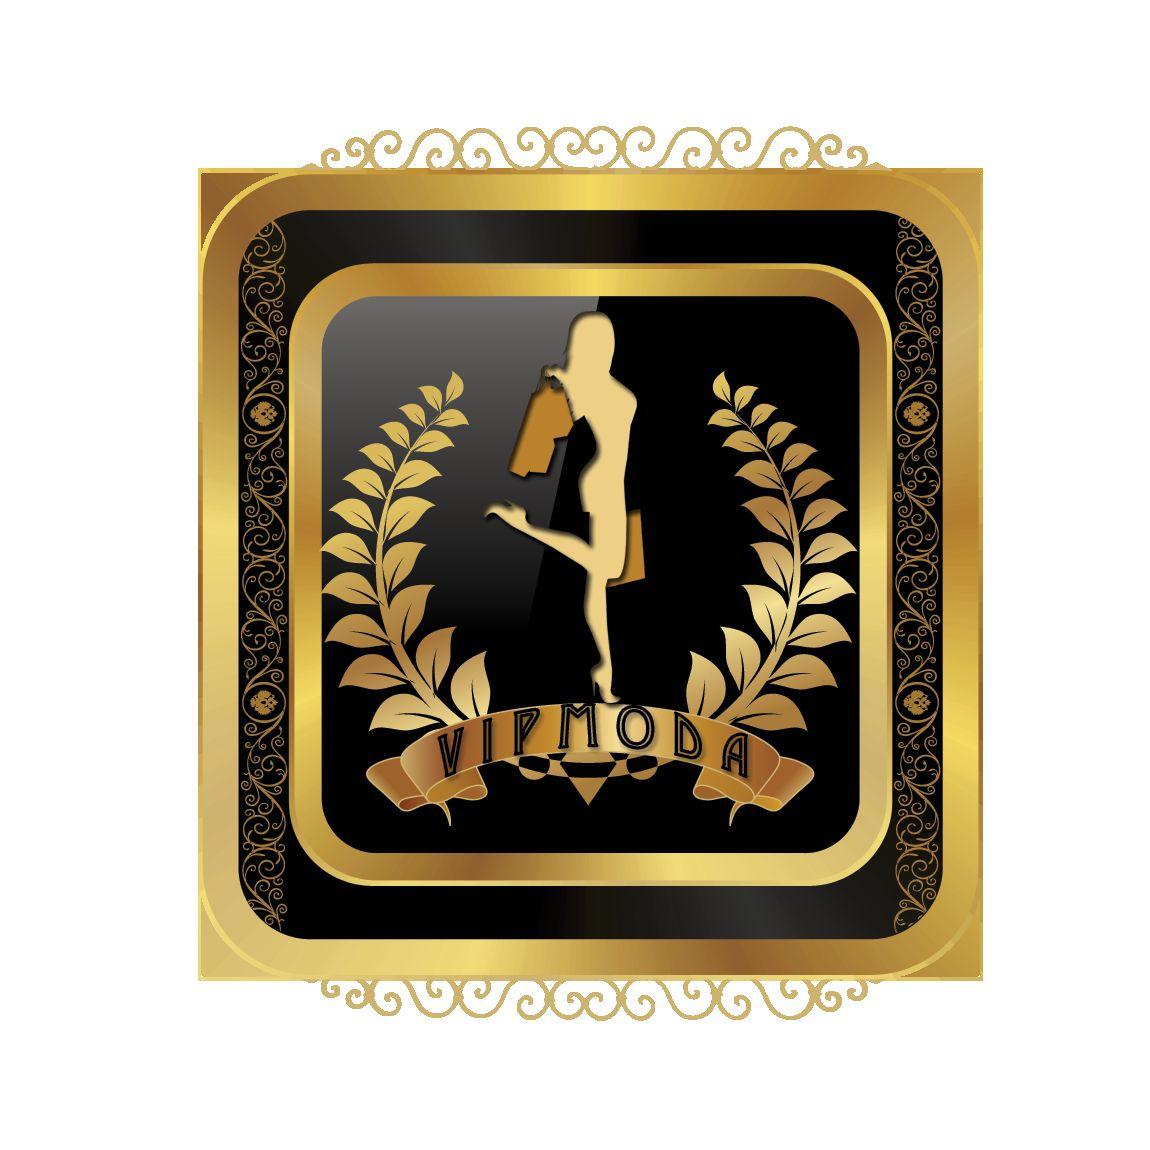 Лого и фирменный стиль компании ВИПМОДА  - дизайнер m0nch